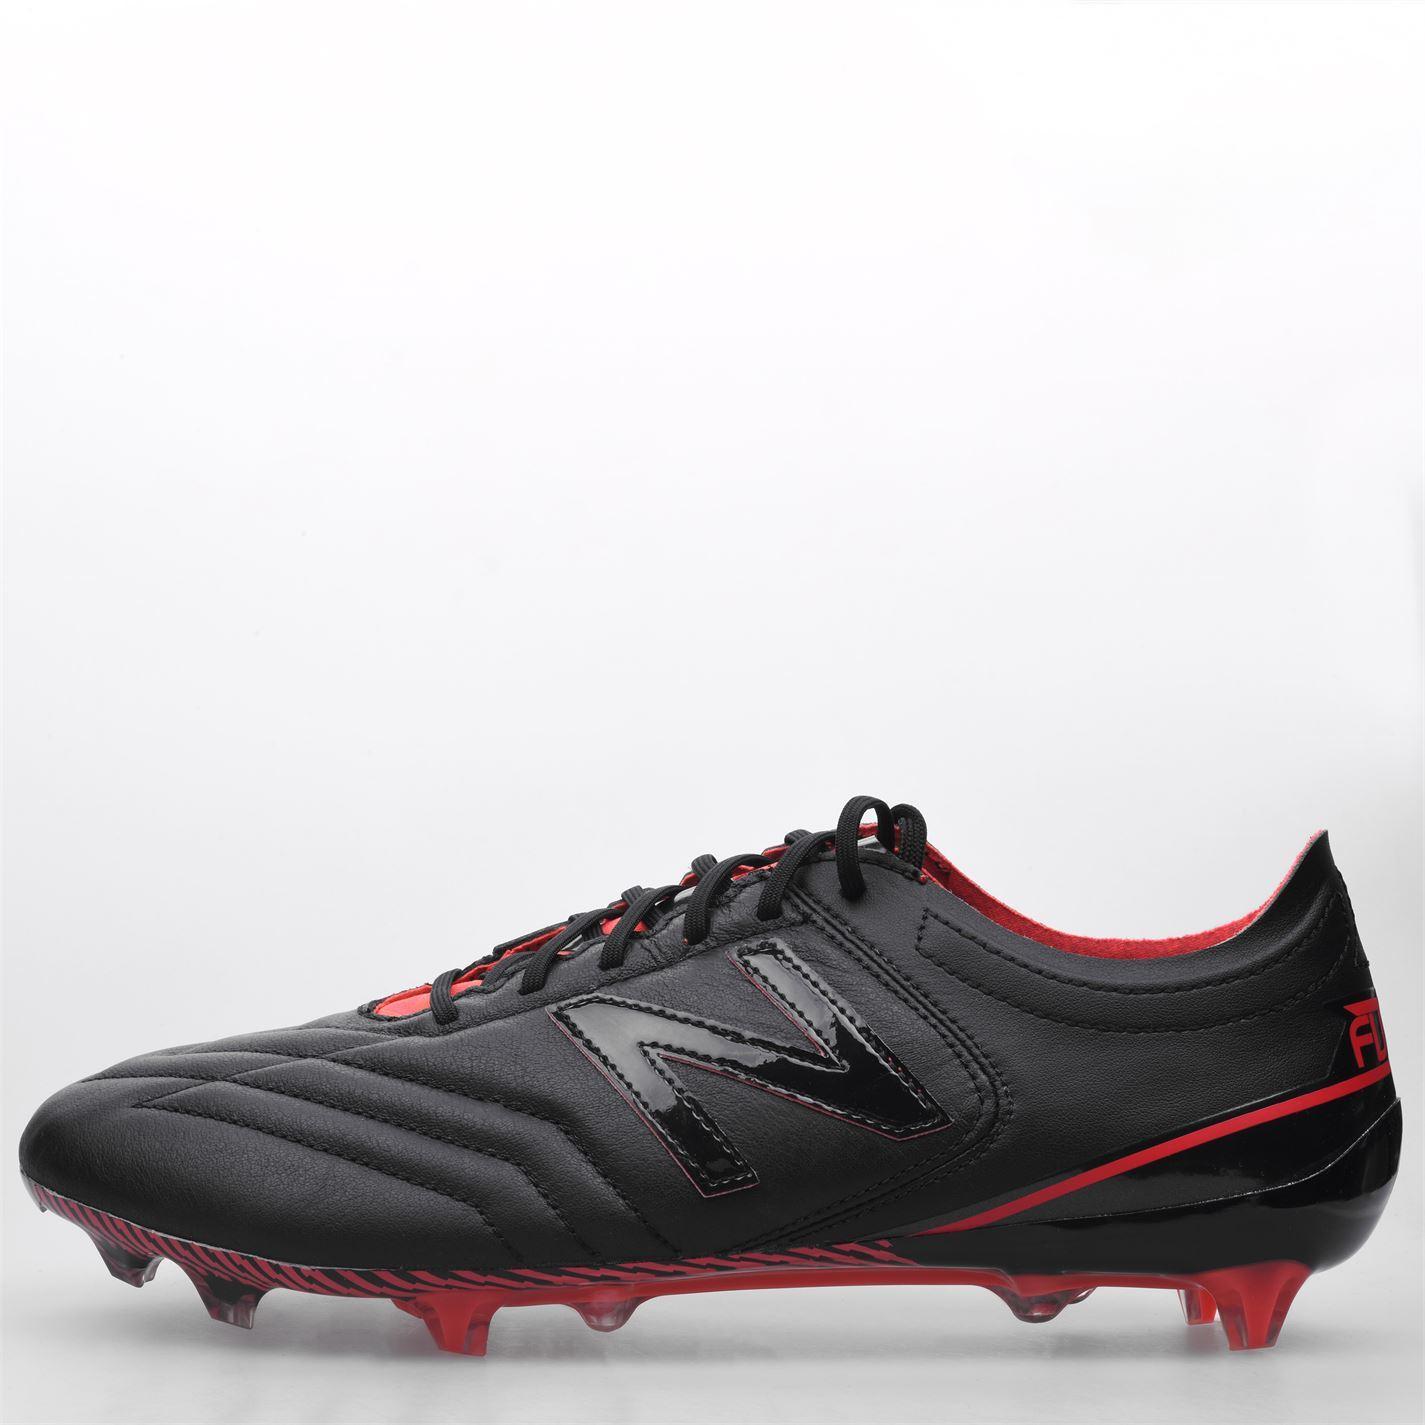 miniature 8 - New-Balance-Furon-3-0-K-cuir-homme-FG-Firm-Ground-Chaussures-De-Football-Soccer-Crampons